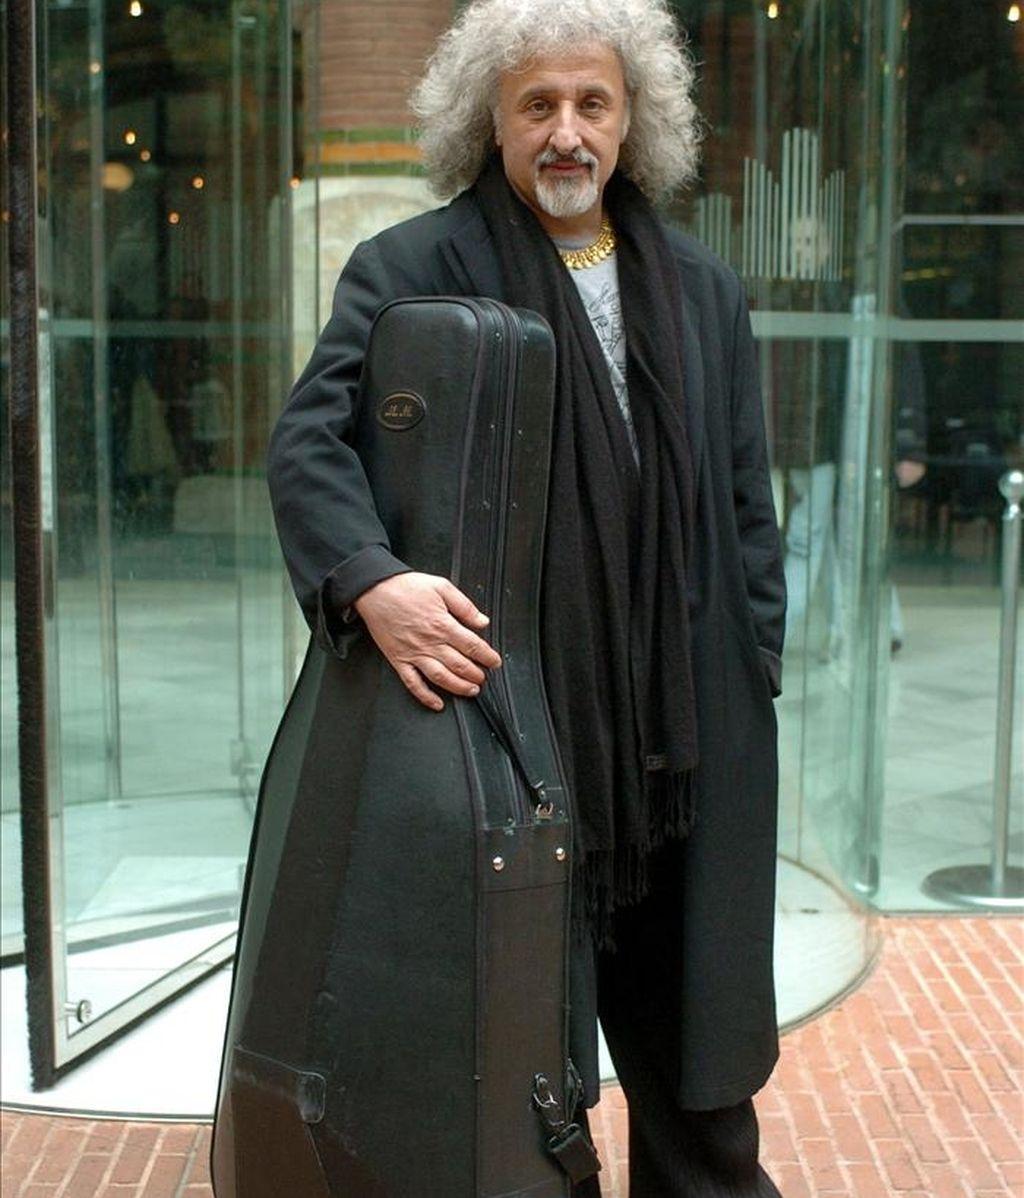 El violonchelista letón Mischa Maisky. EFE/Archivo